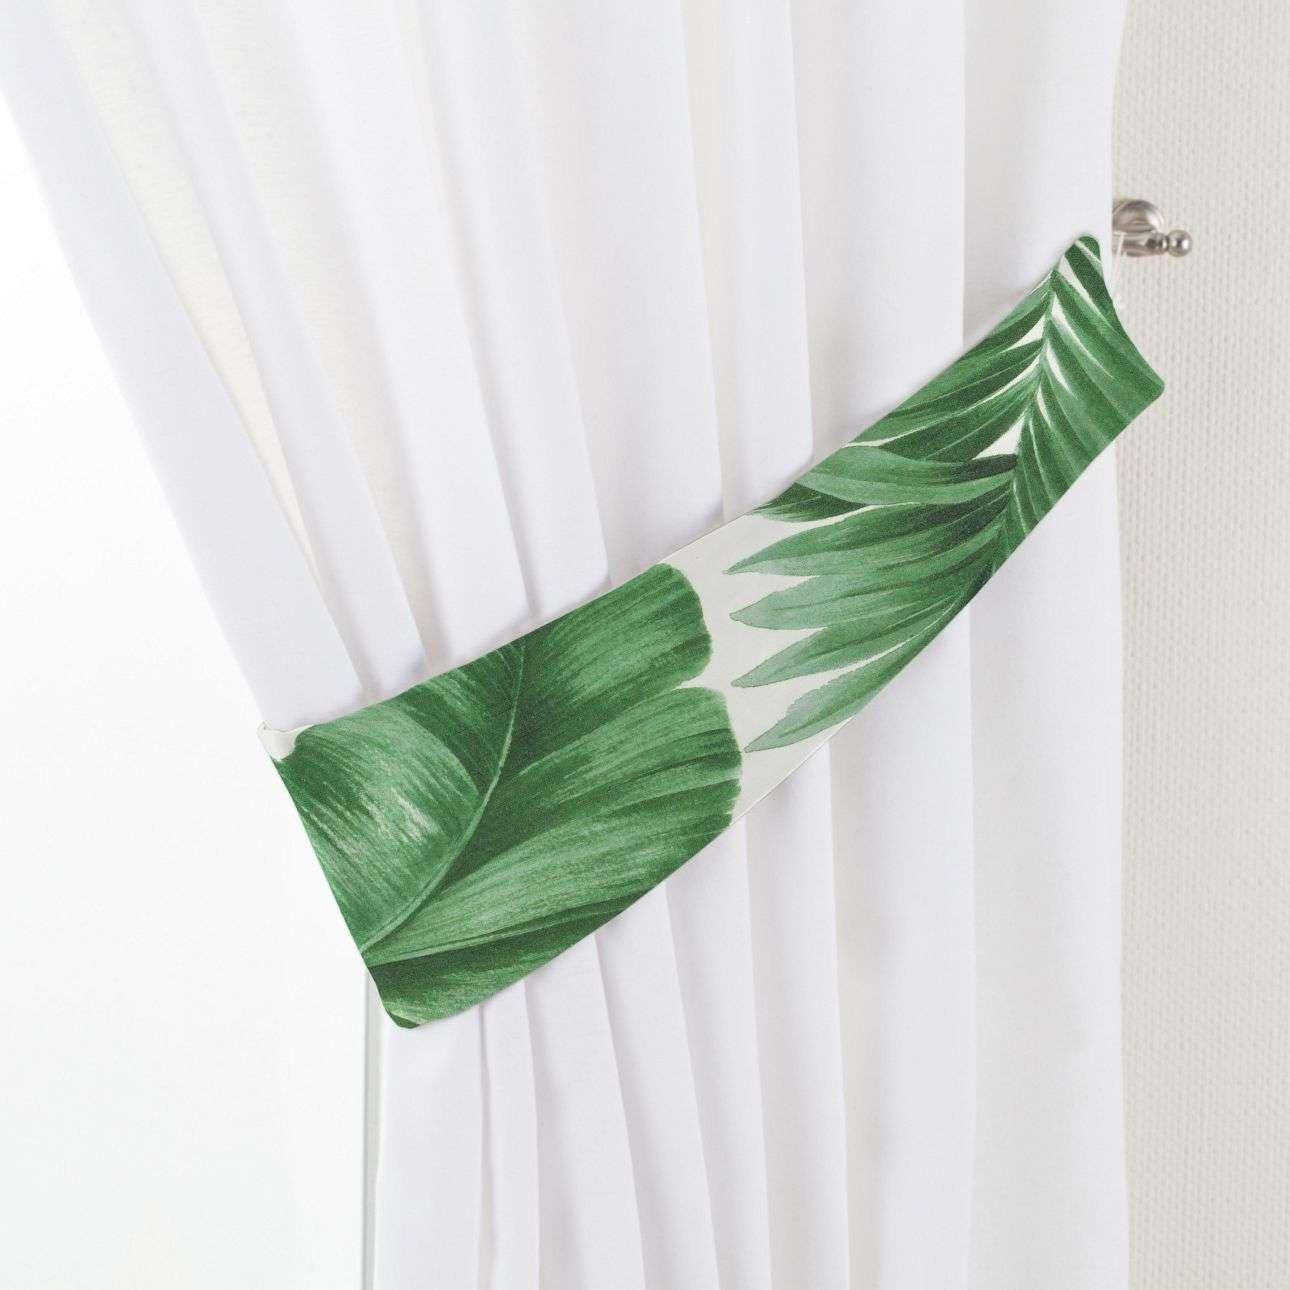 Dekoria Vázačka Victoria, zelené listy na bílém podkladu, 12 × 70 cm, Tropical Island, 141-71